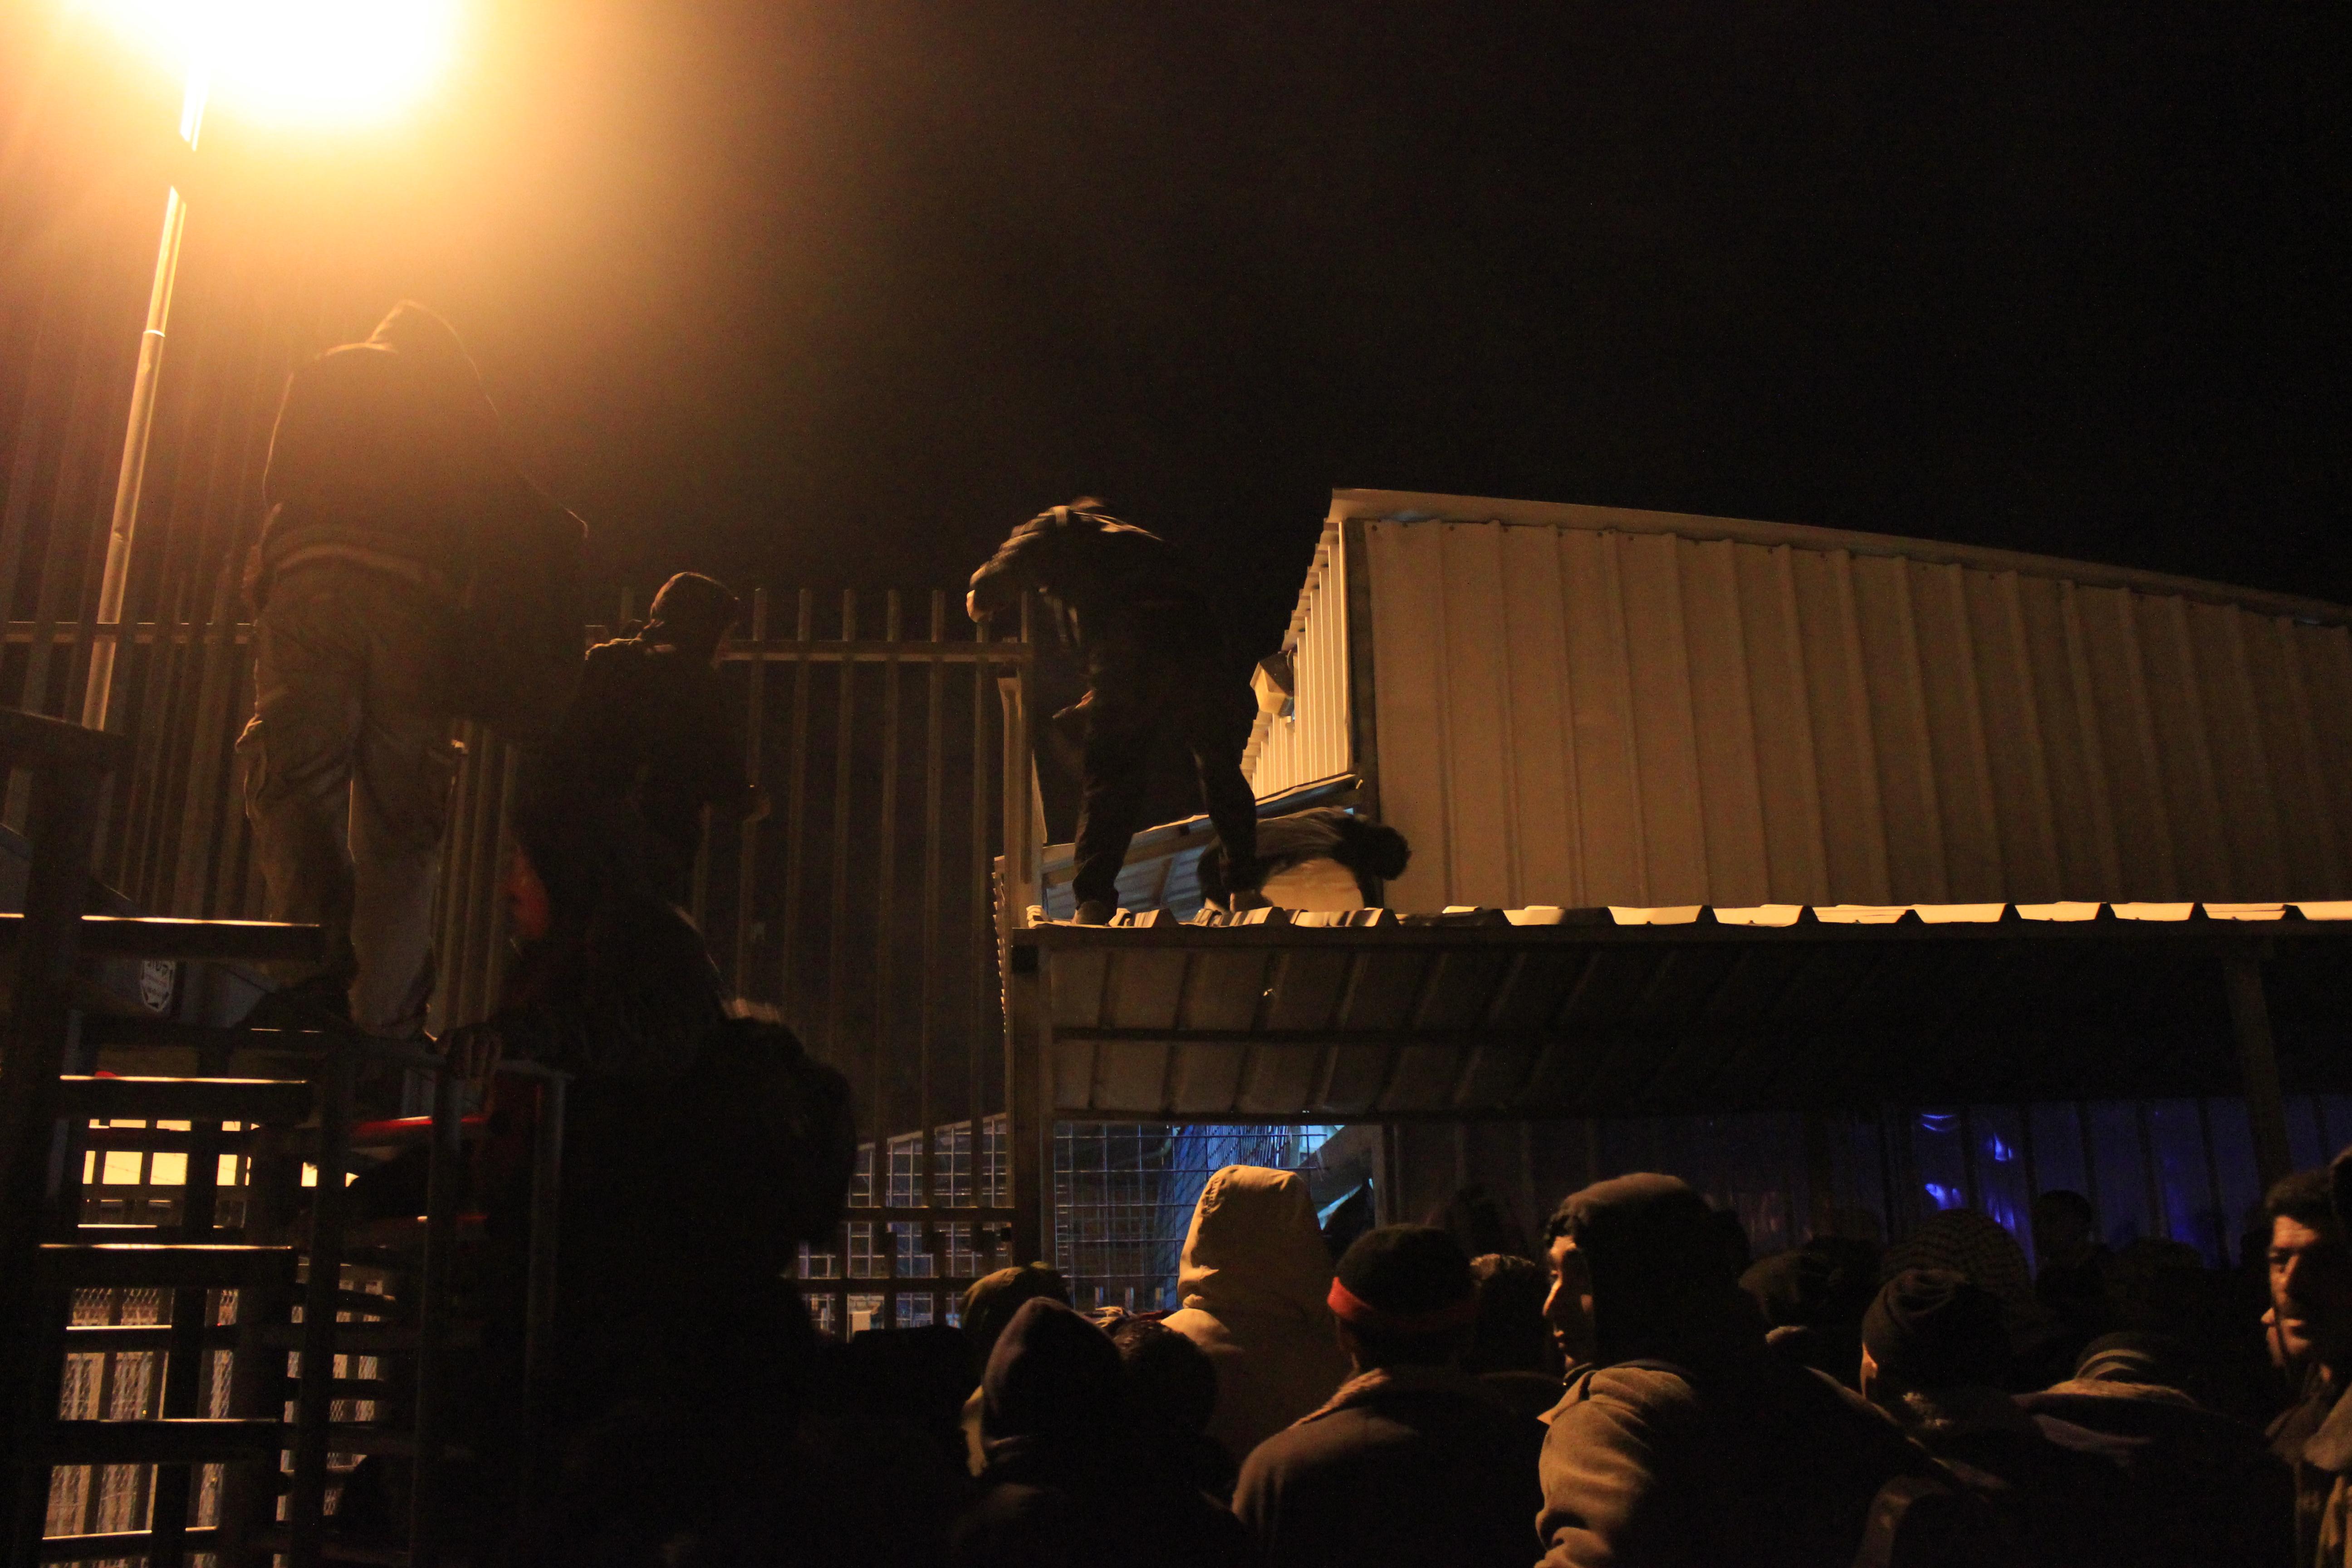 Män klättrar över staketet vid Tarqumiya kontrollstation.